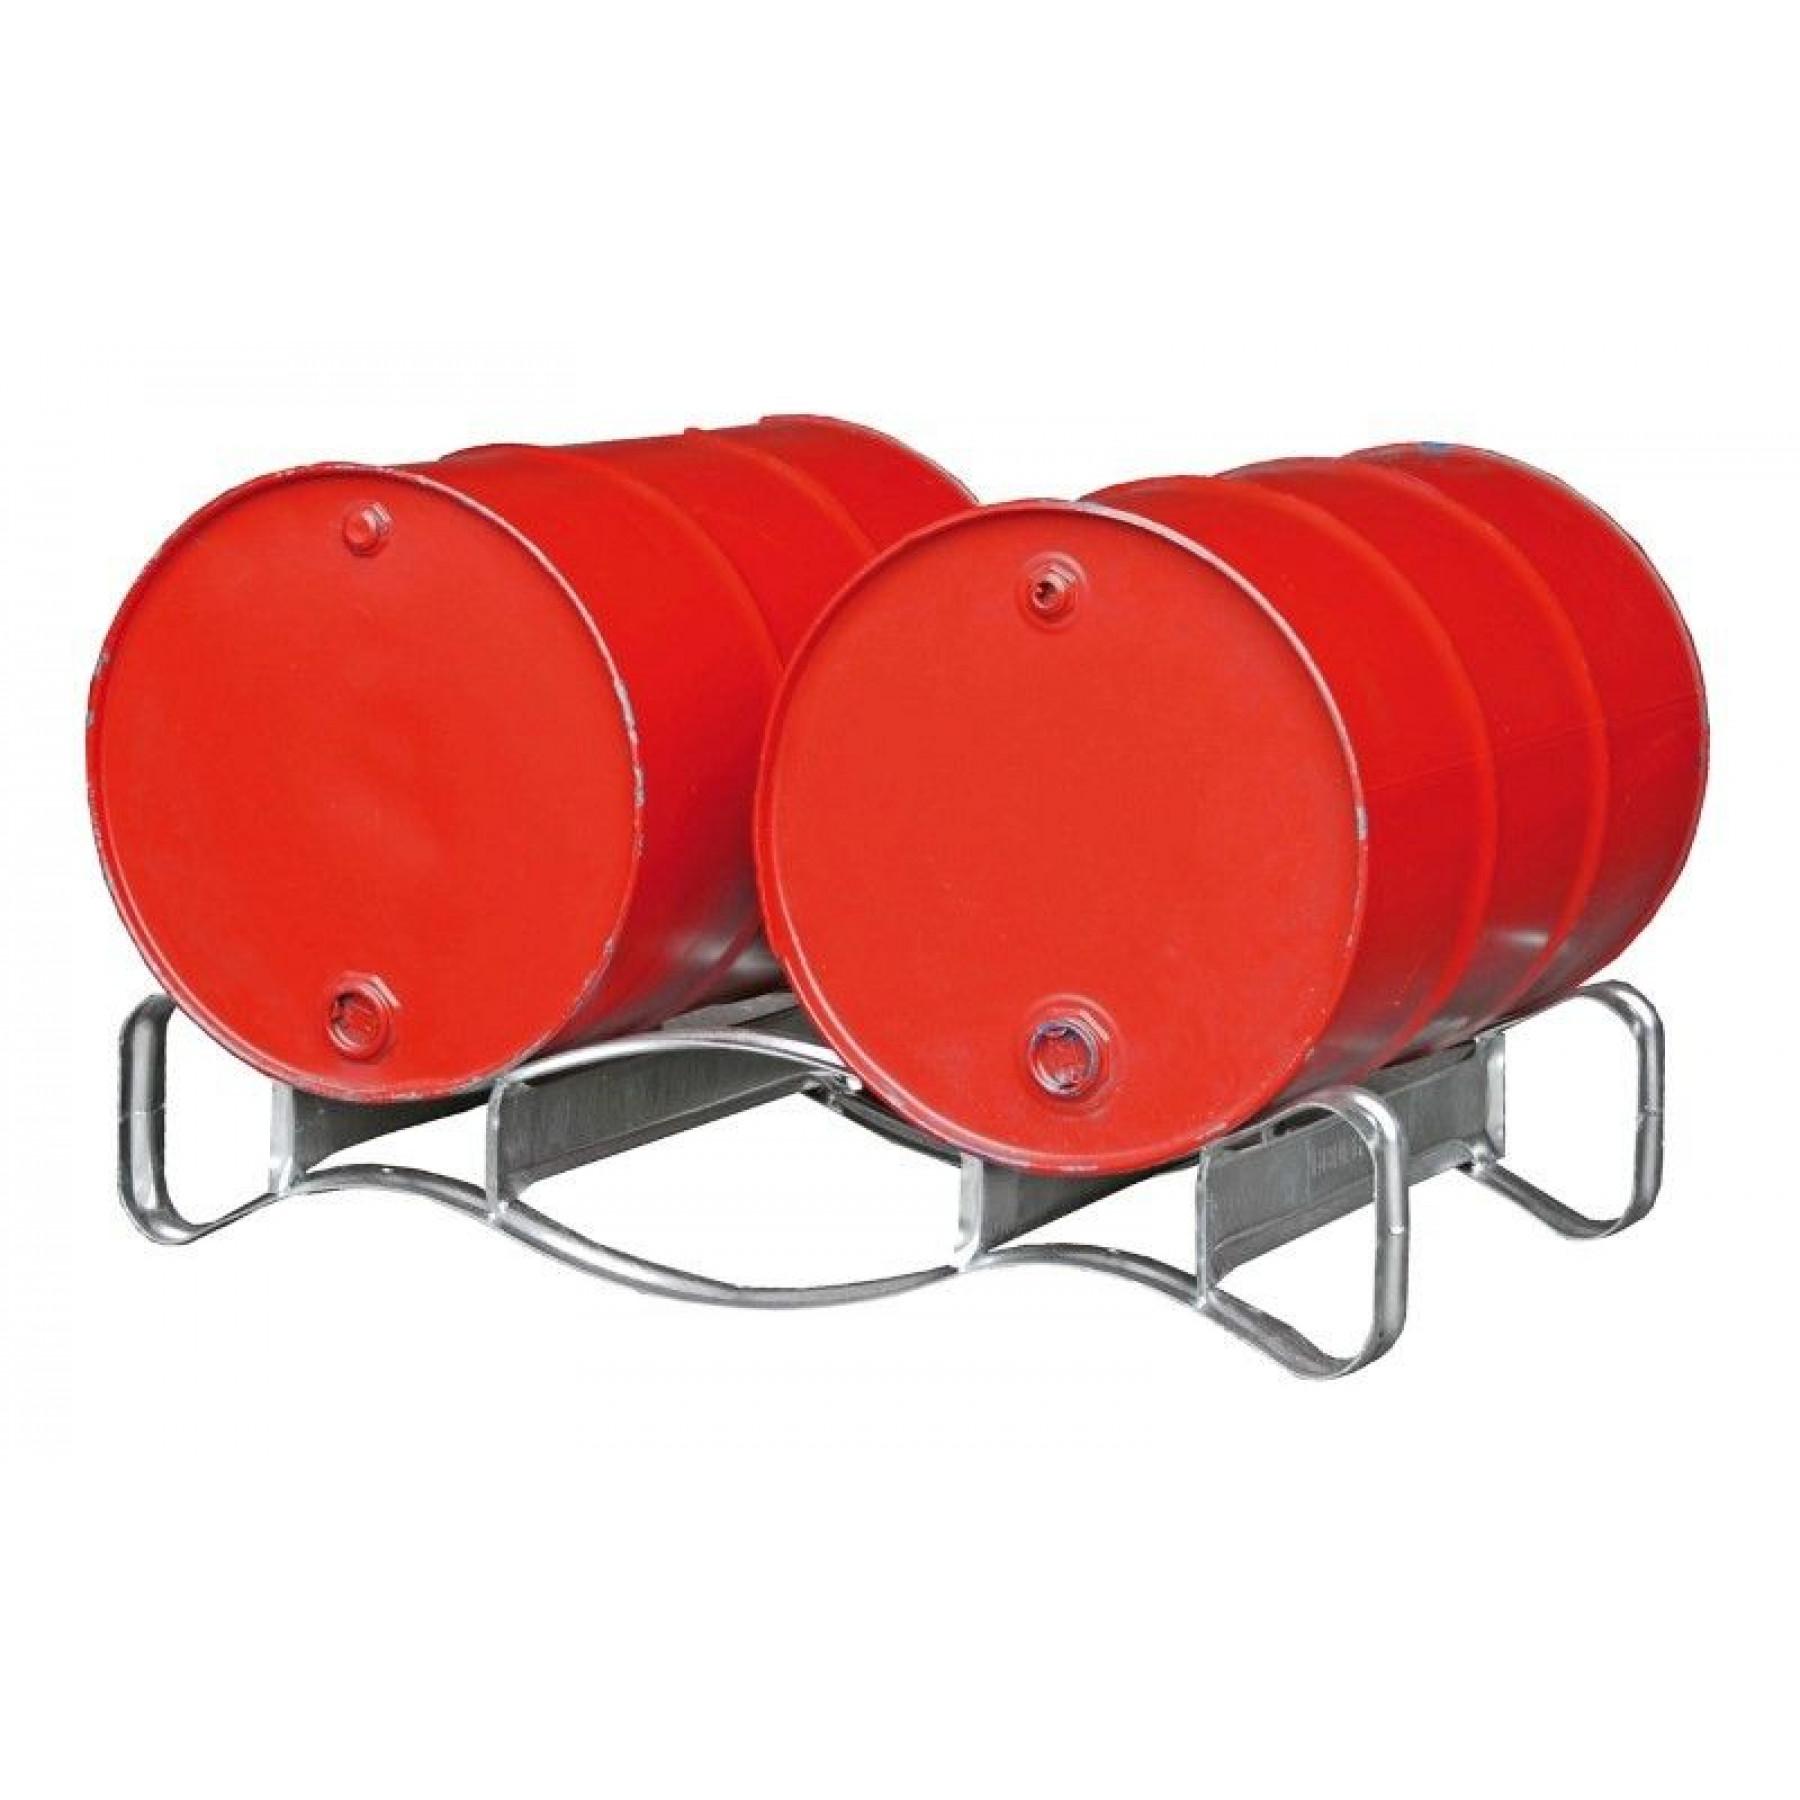 Vatenpallet voor liggende opslag van 200 liter vaten